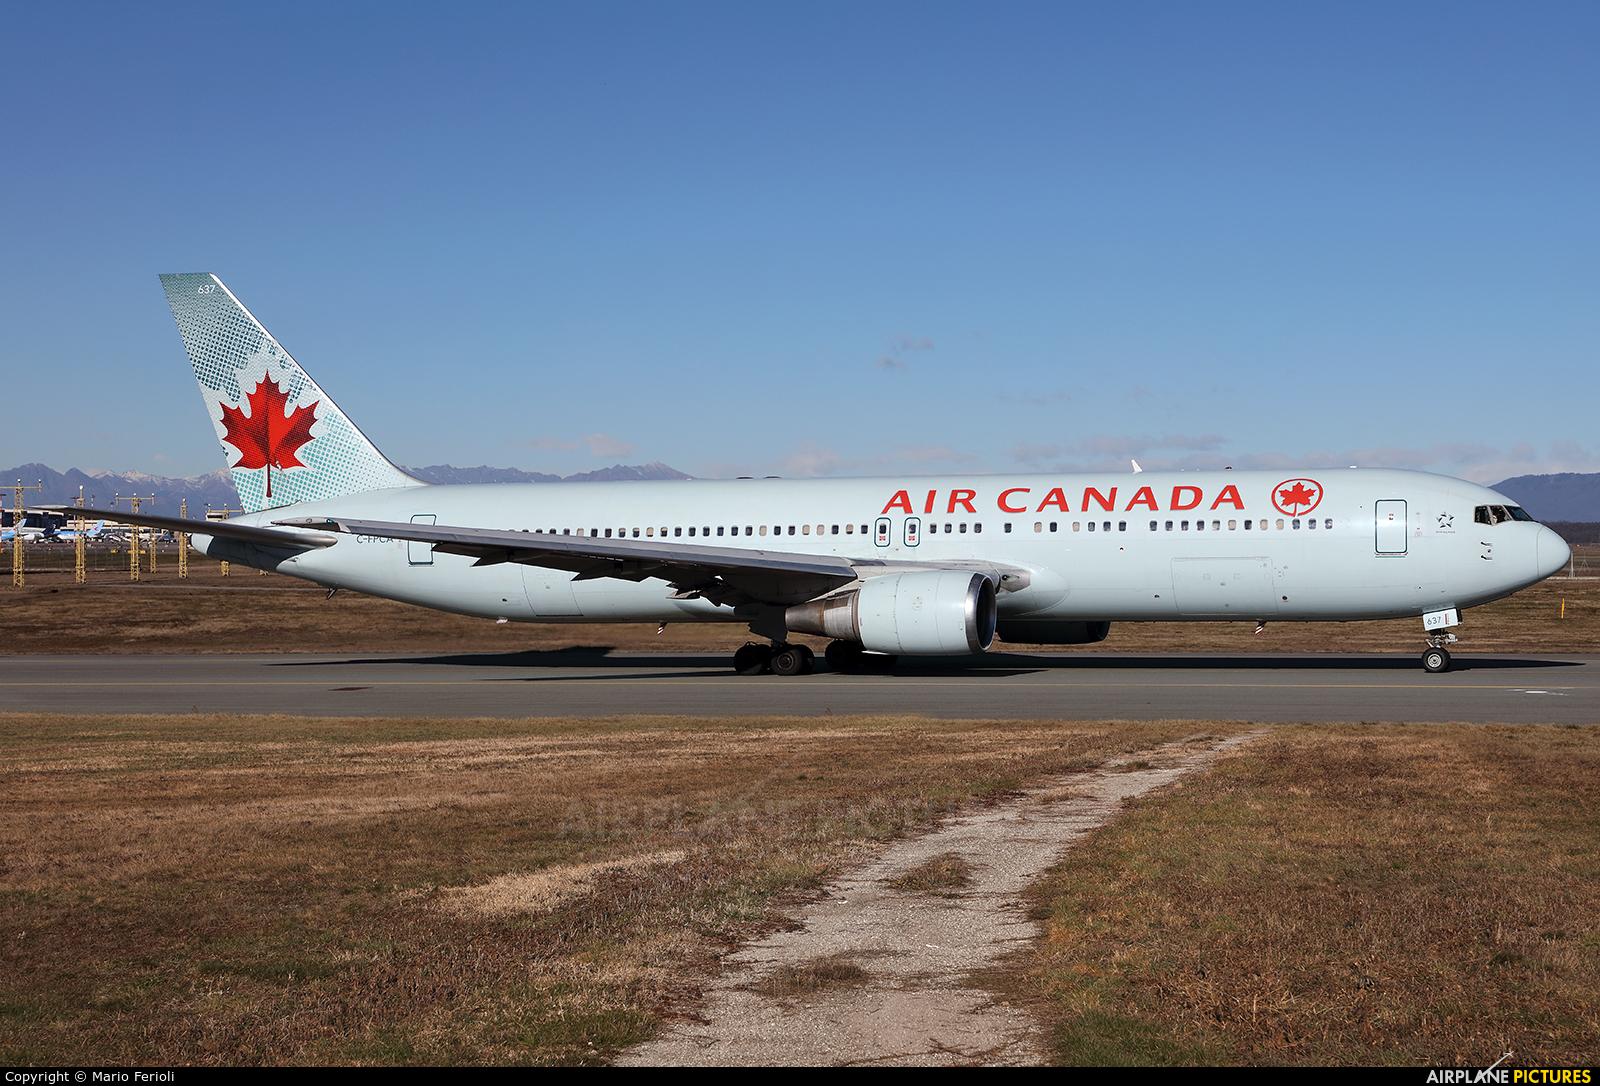 Air Canada C-FPCA aircraft at Milan - Malpensa